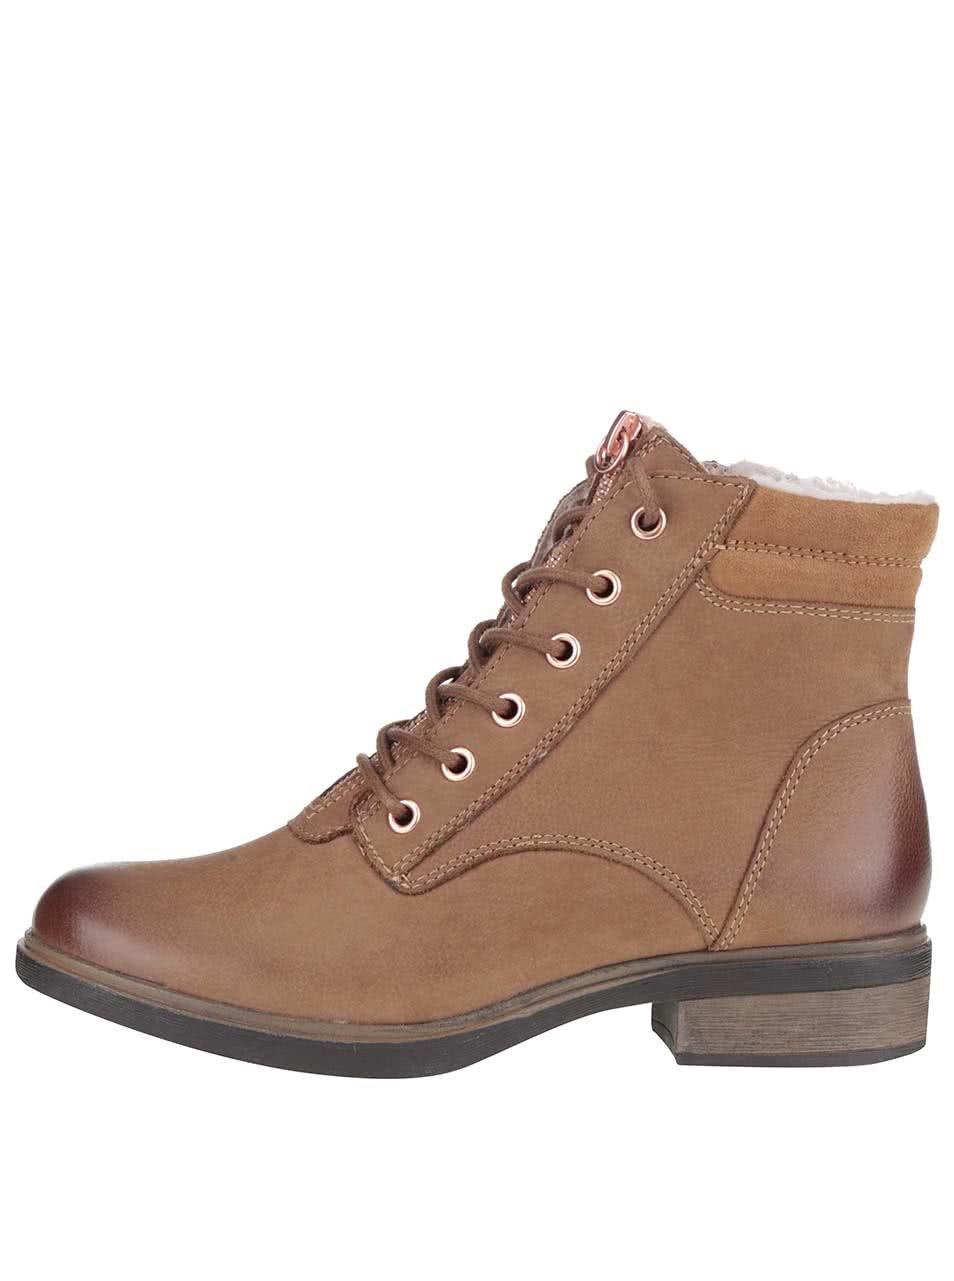 Světle hnědé kožené kotníkové boty se šněrováním Tamaris